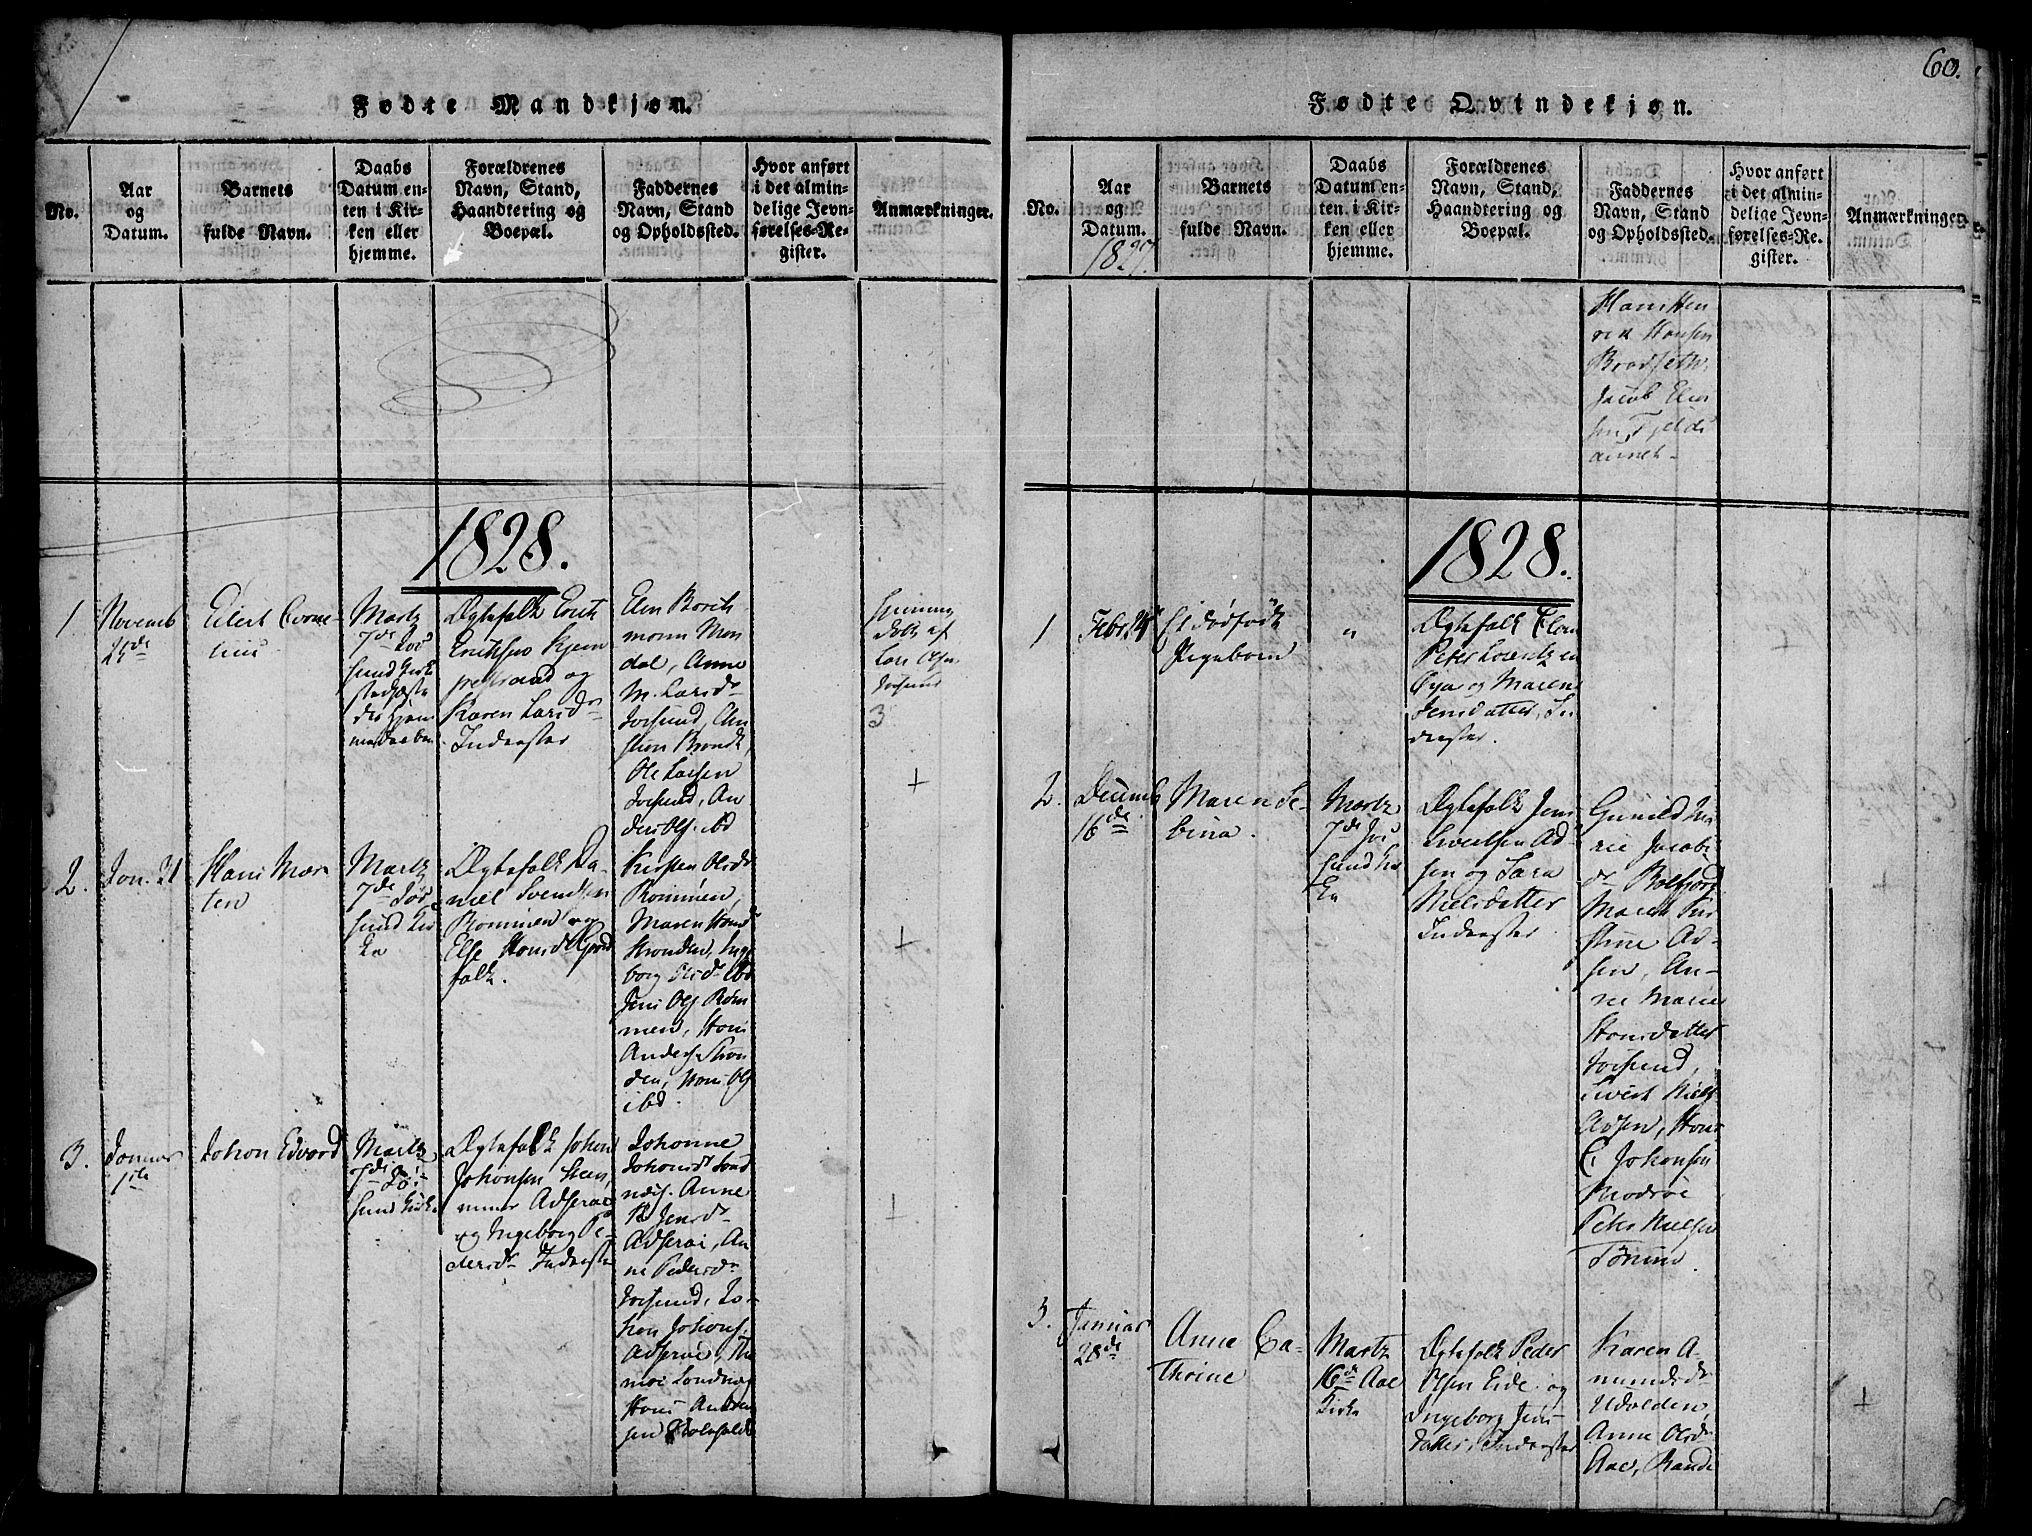 SAT, Ministerialprotokoller, klokkerbøker og fødselsregistre - Sør-Trøndelag, 655/L0675: Ministerialbok nr. 655A04, 1818-1830, s. 60